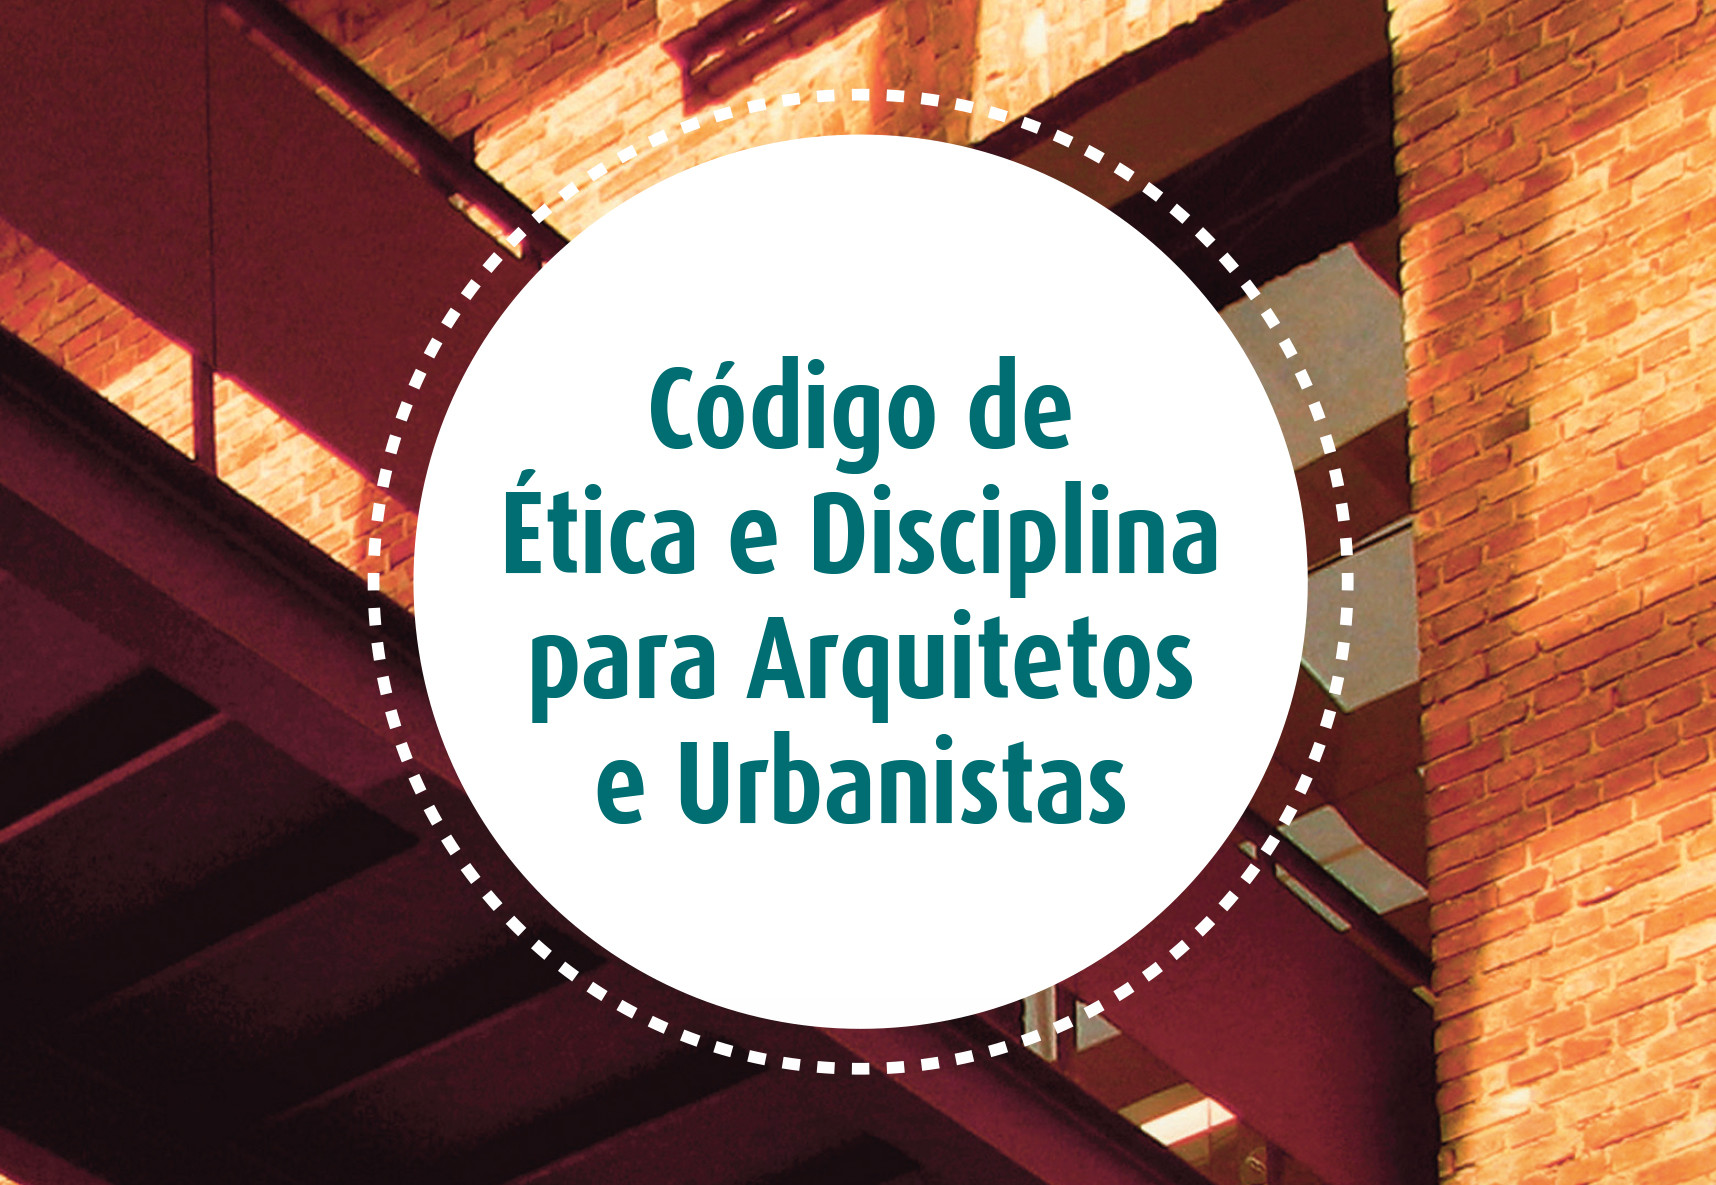 Código de Ética e Disciplina do Conselho de Arquitetura e Urbanismo do Brasil, Courtesy of CAU/BR